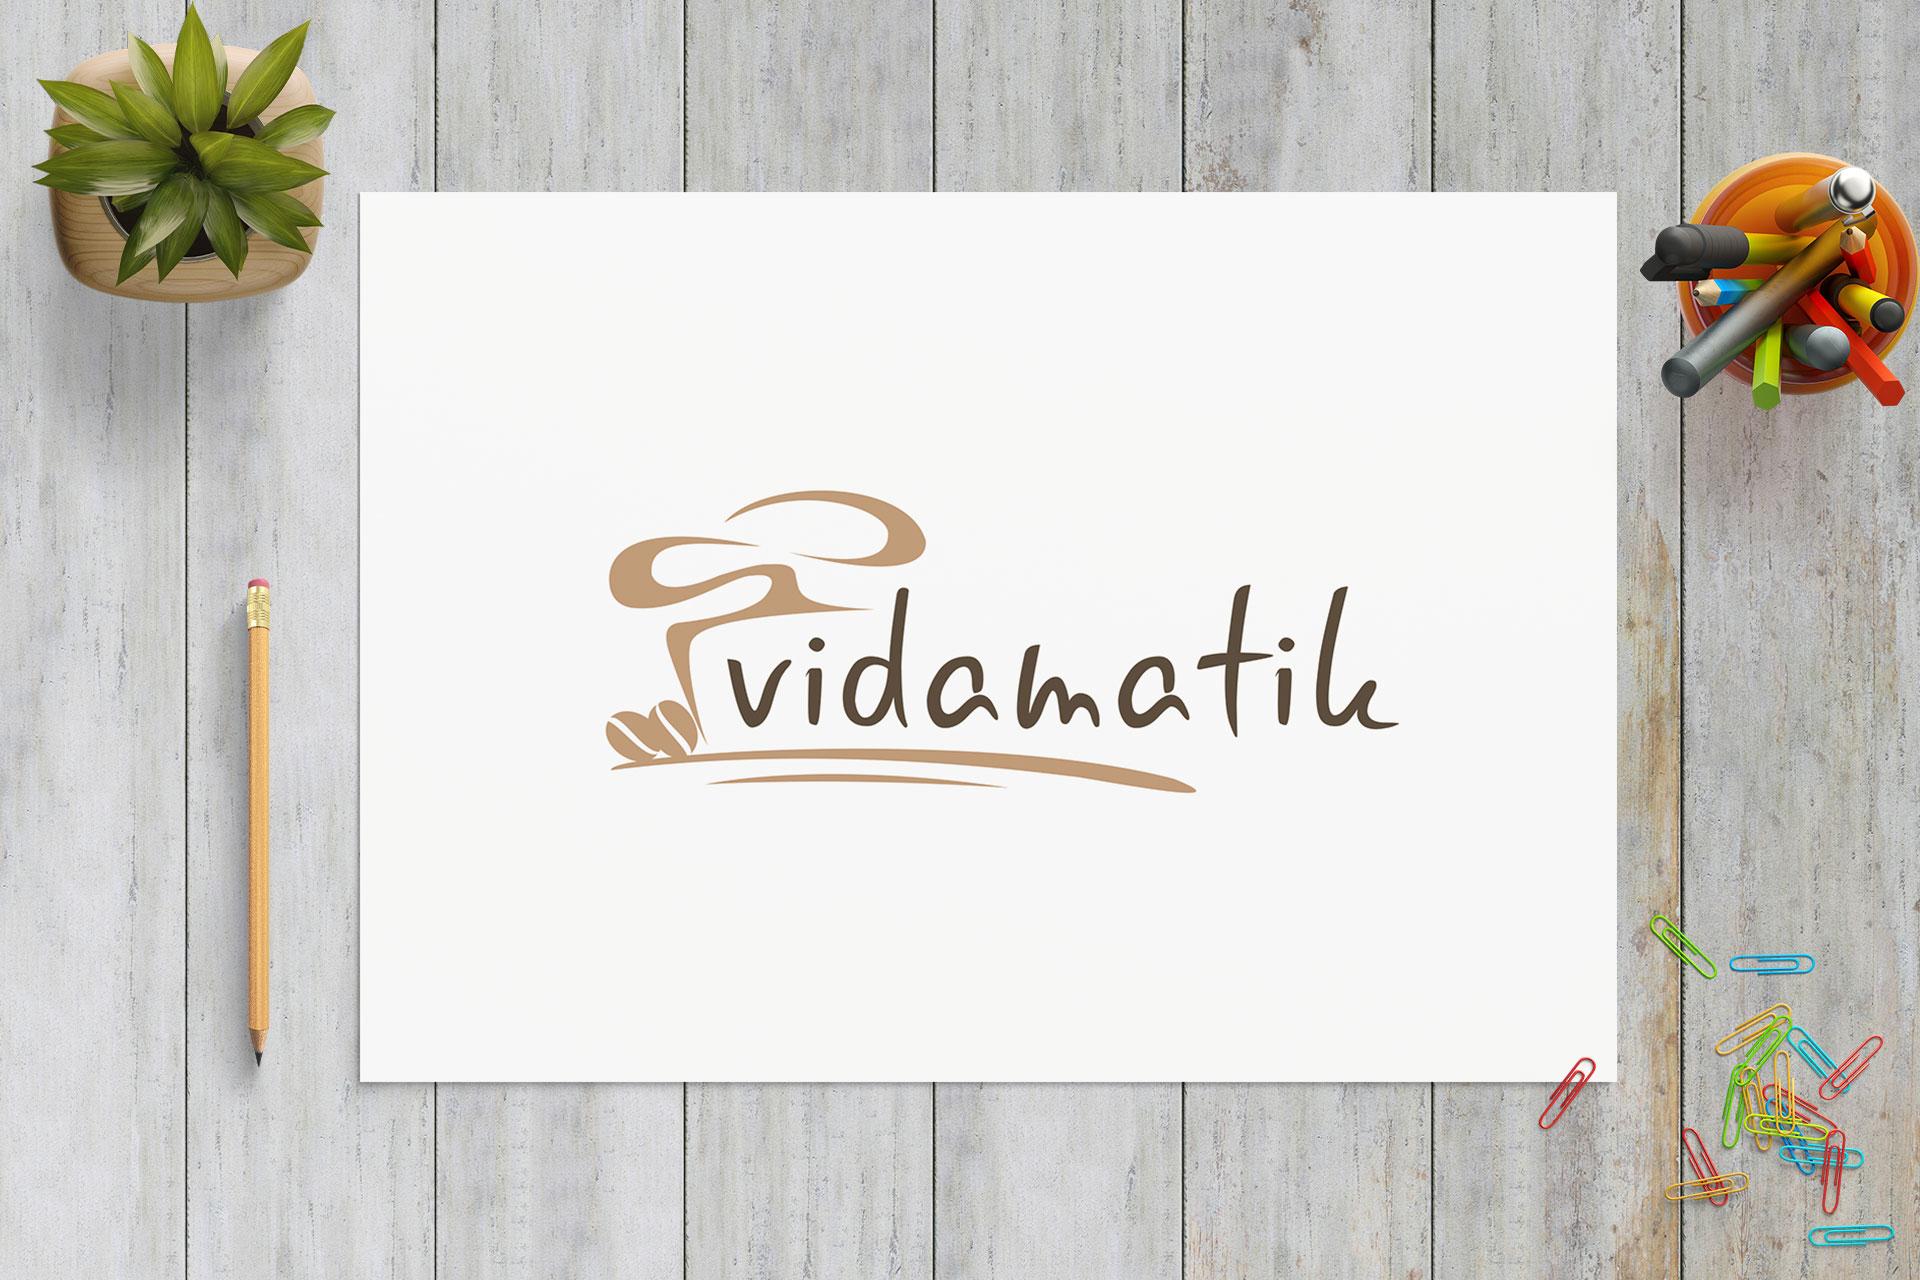 vidamatik_mockup_logo